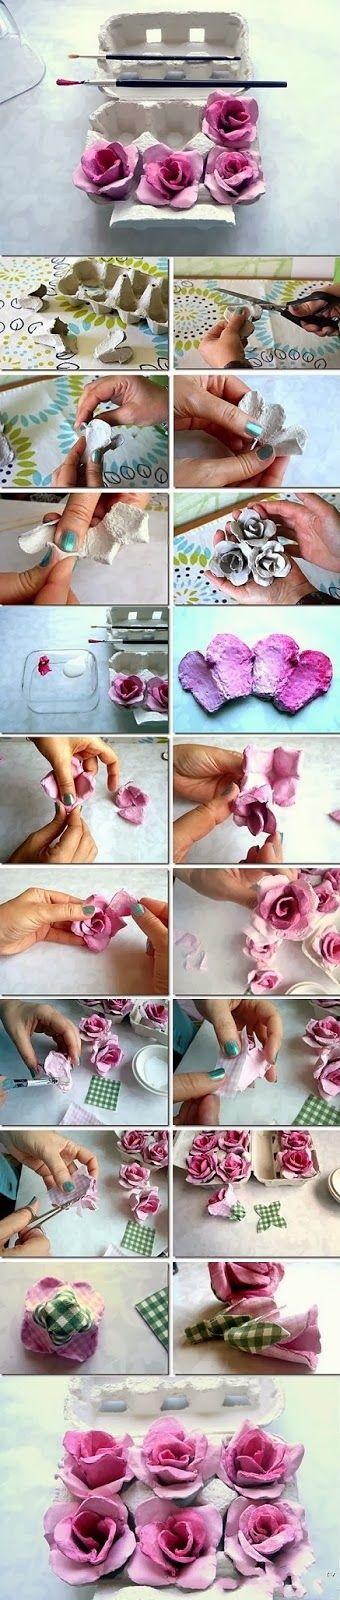 Semplicemente Chic: Fiori di Rose fatte con il contenitore delle uova!...